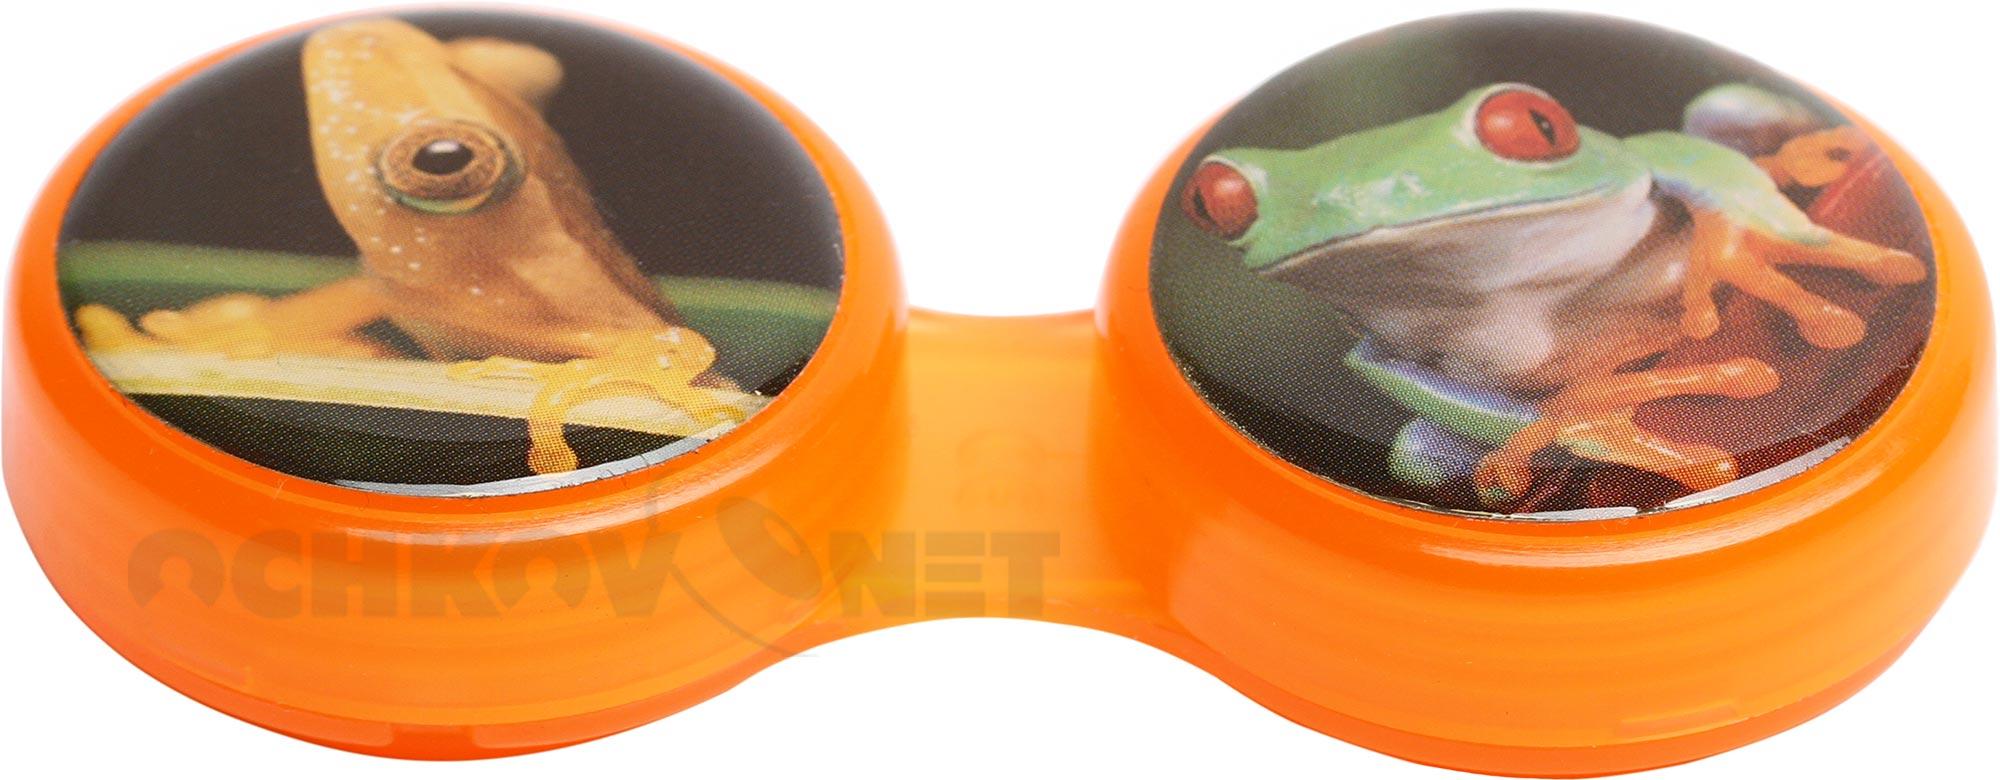 Контейнер SC-212 picture cap №4 лягушки